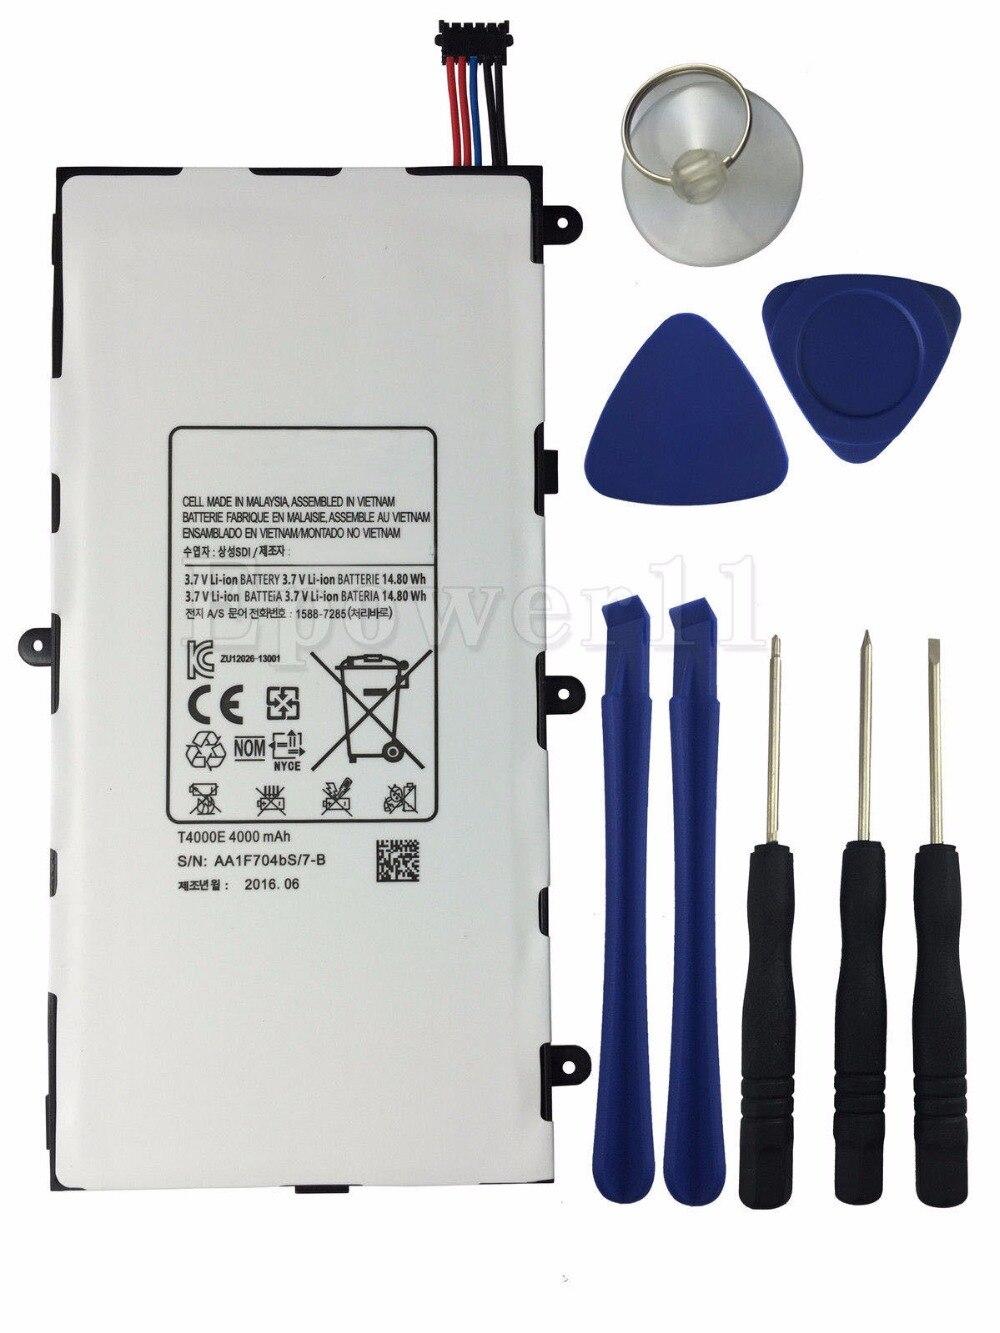 imágenes para Nueva batería original genuina para samsung galaxy tab 3 7.0 t210 t211 t4000e niños t2105 4000 mah batería + herramienta + número de pista